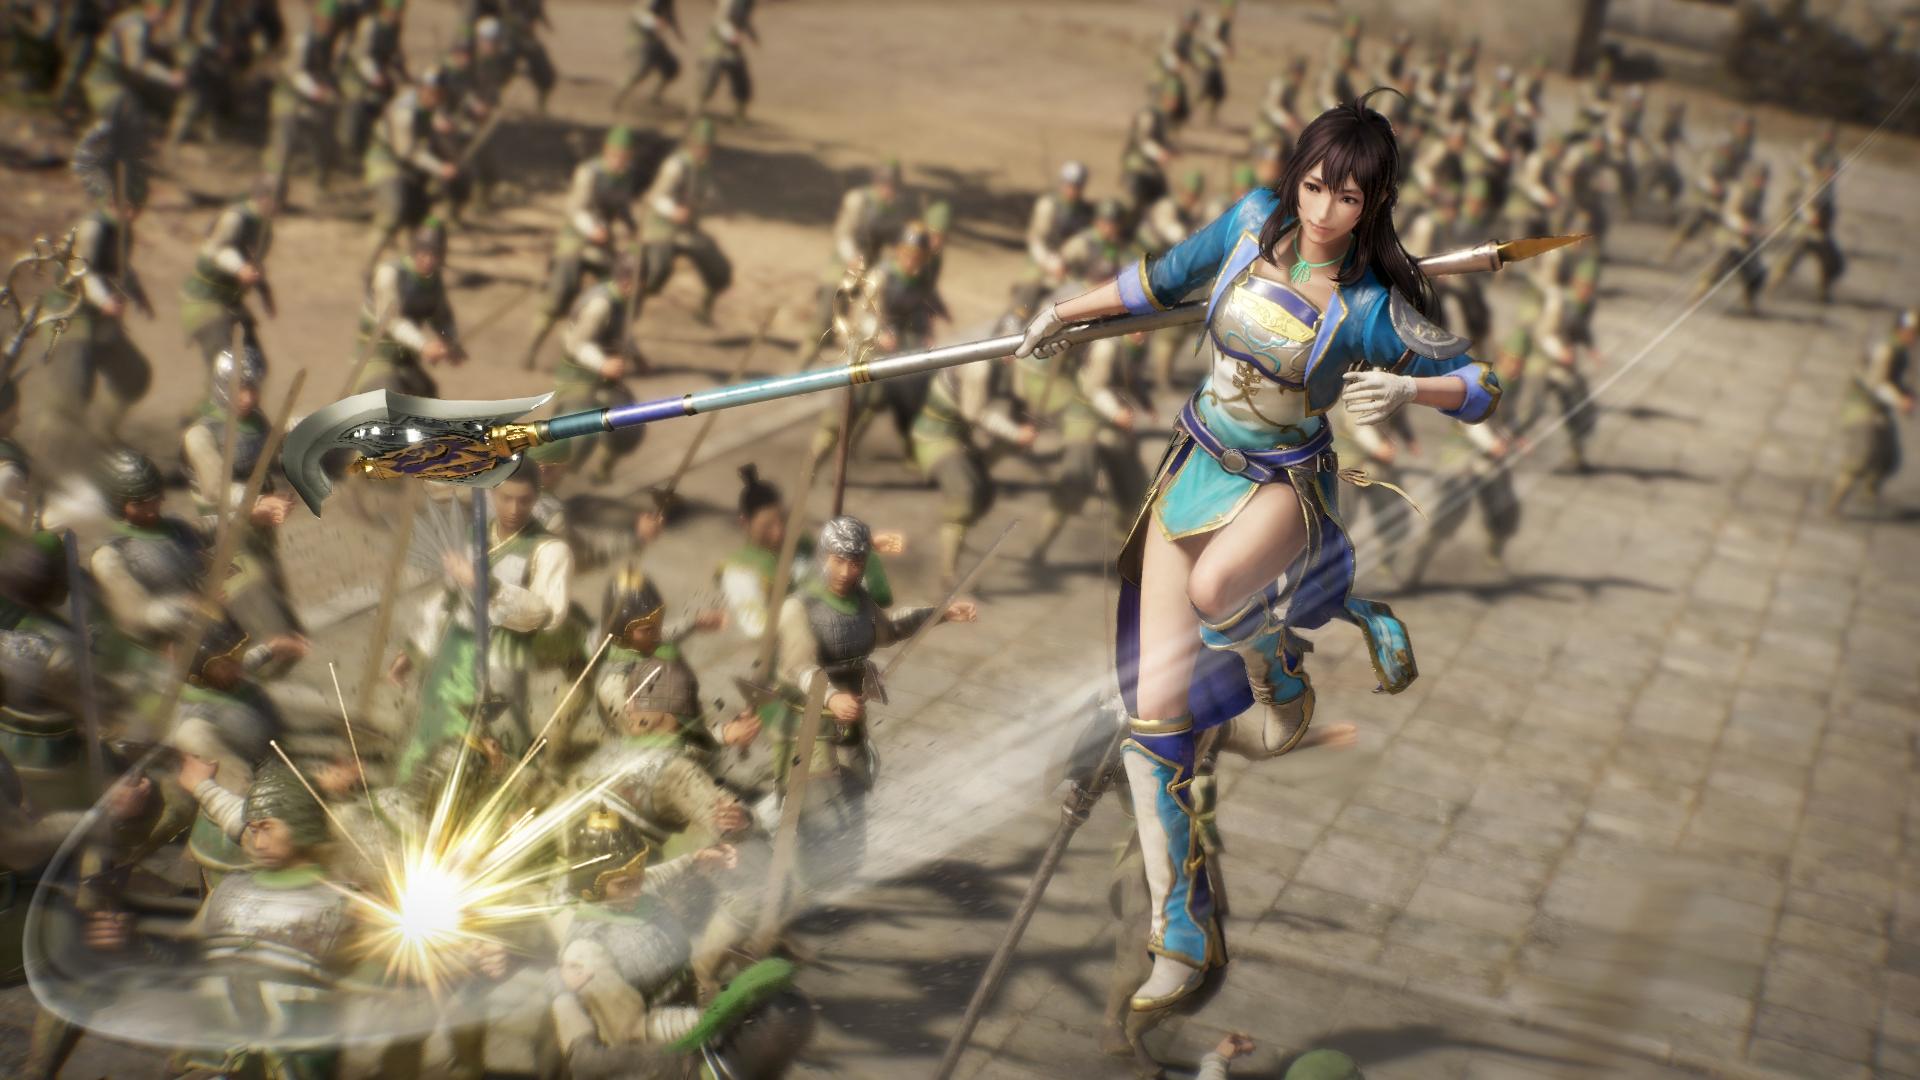 В новых видеороликах Dynasty Warriors 9 показали геймплей за нескольких персонажей